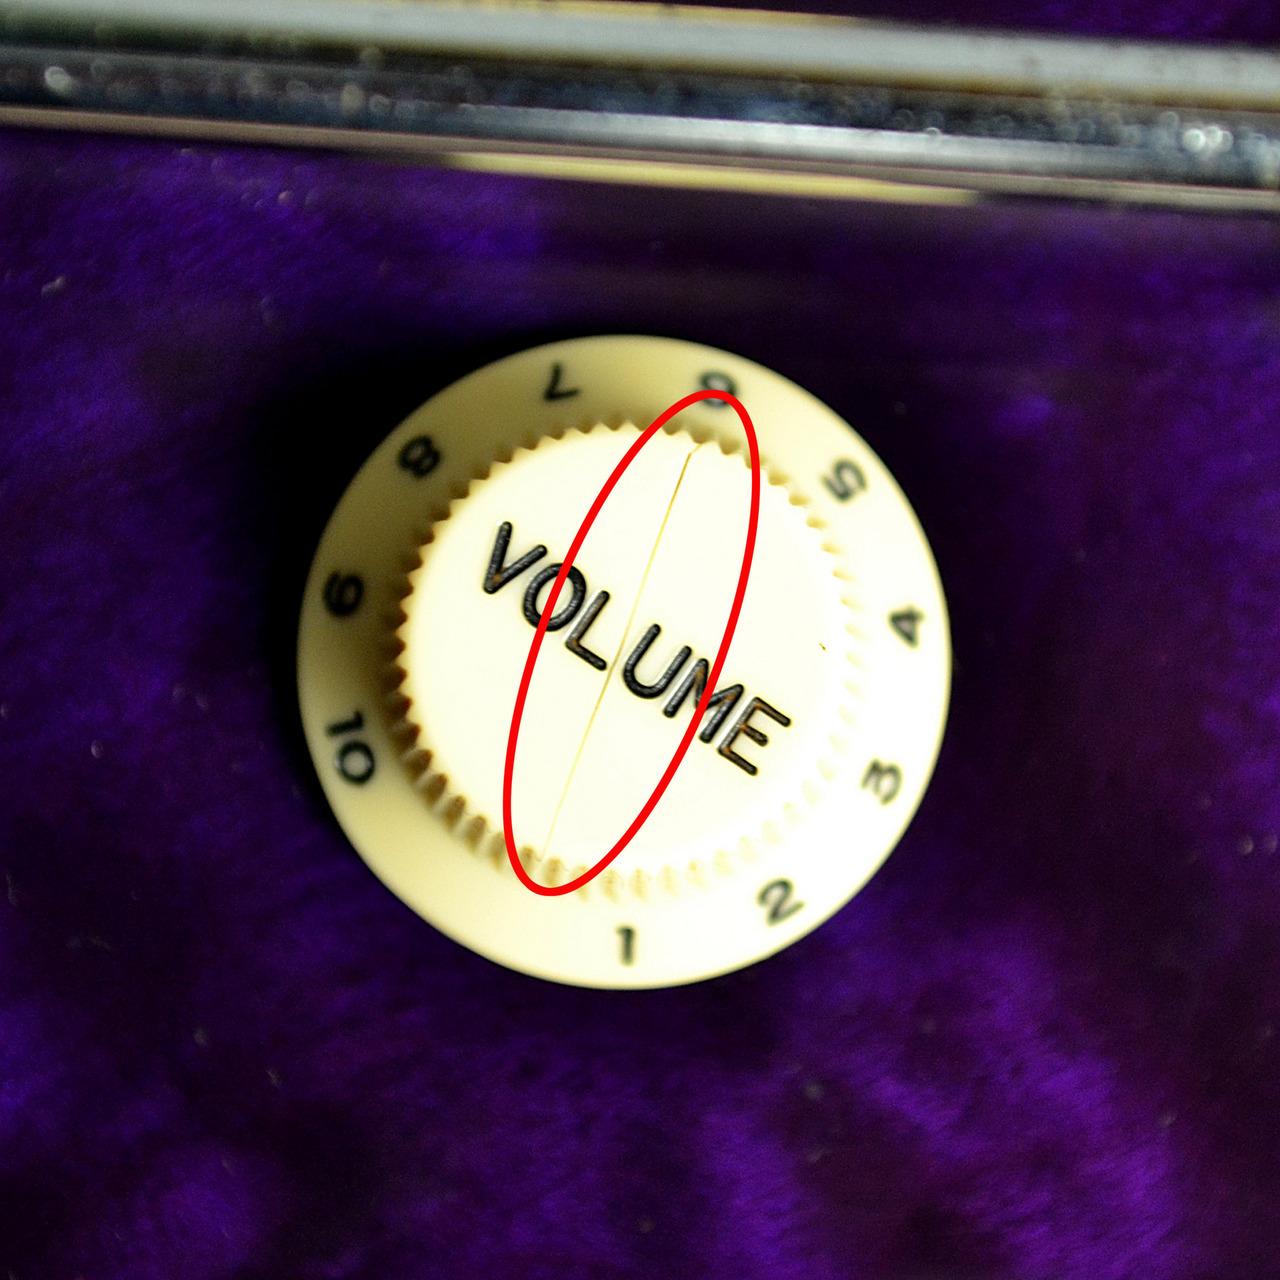 AXIS Translucent Purpleのケース・その他画像